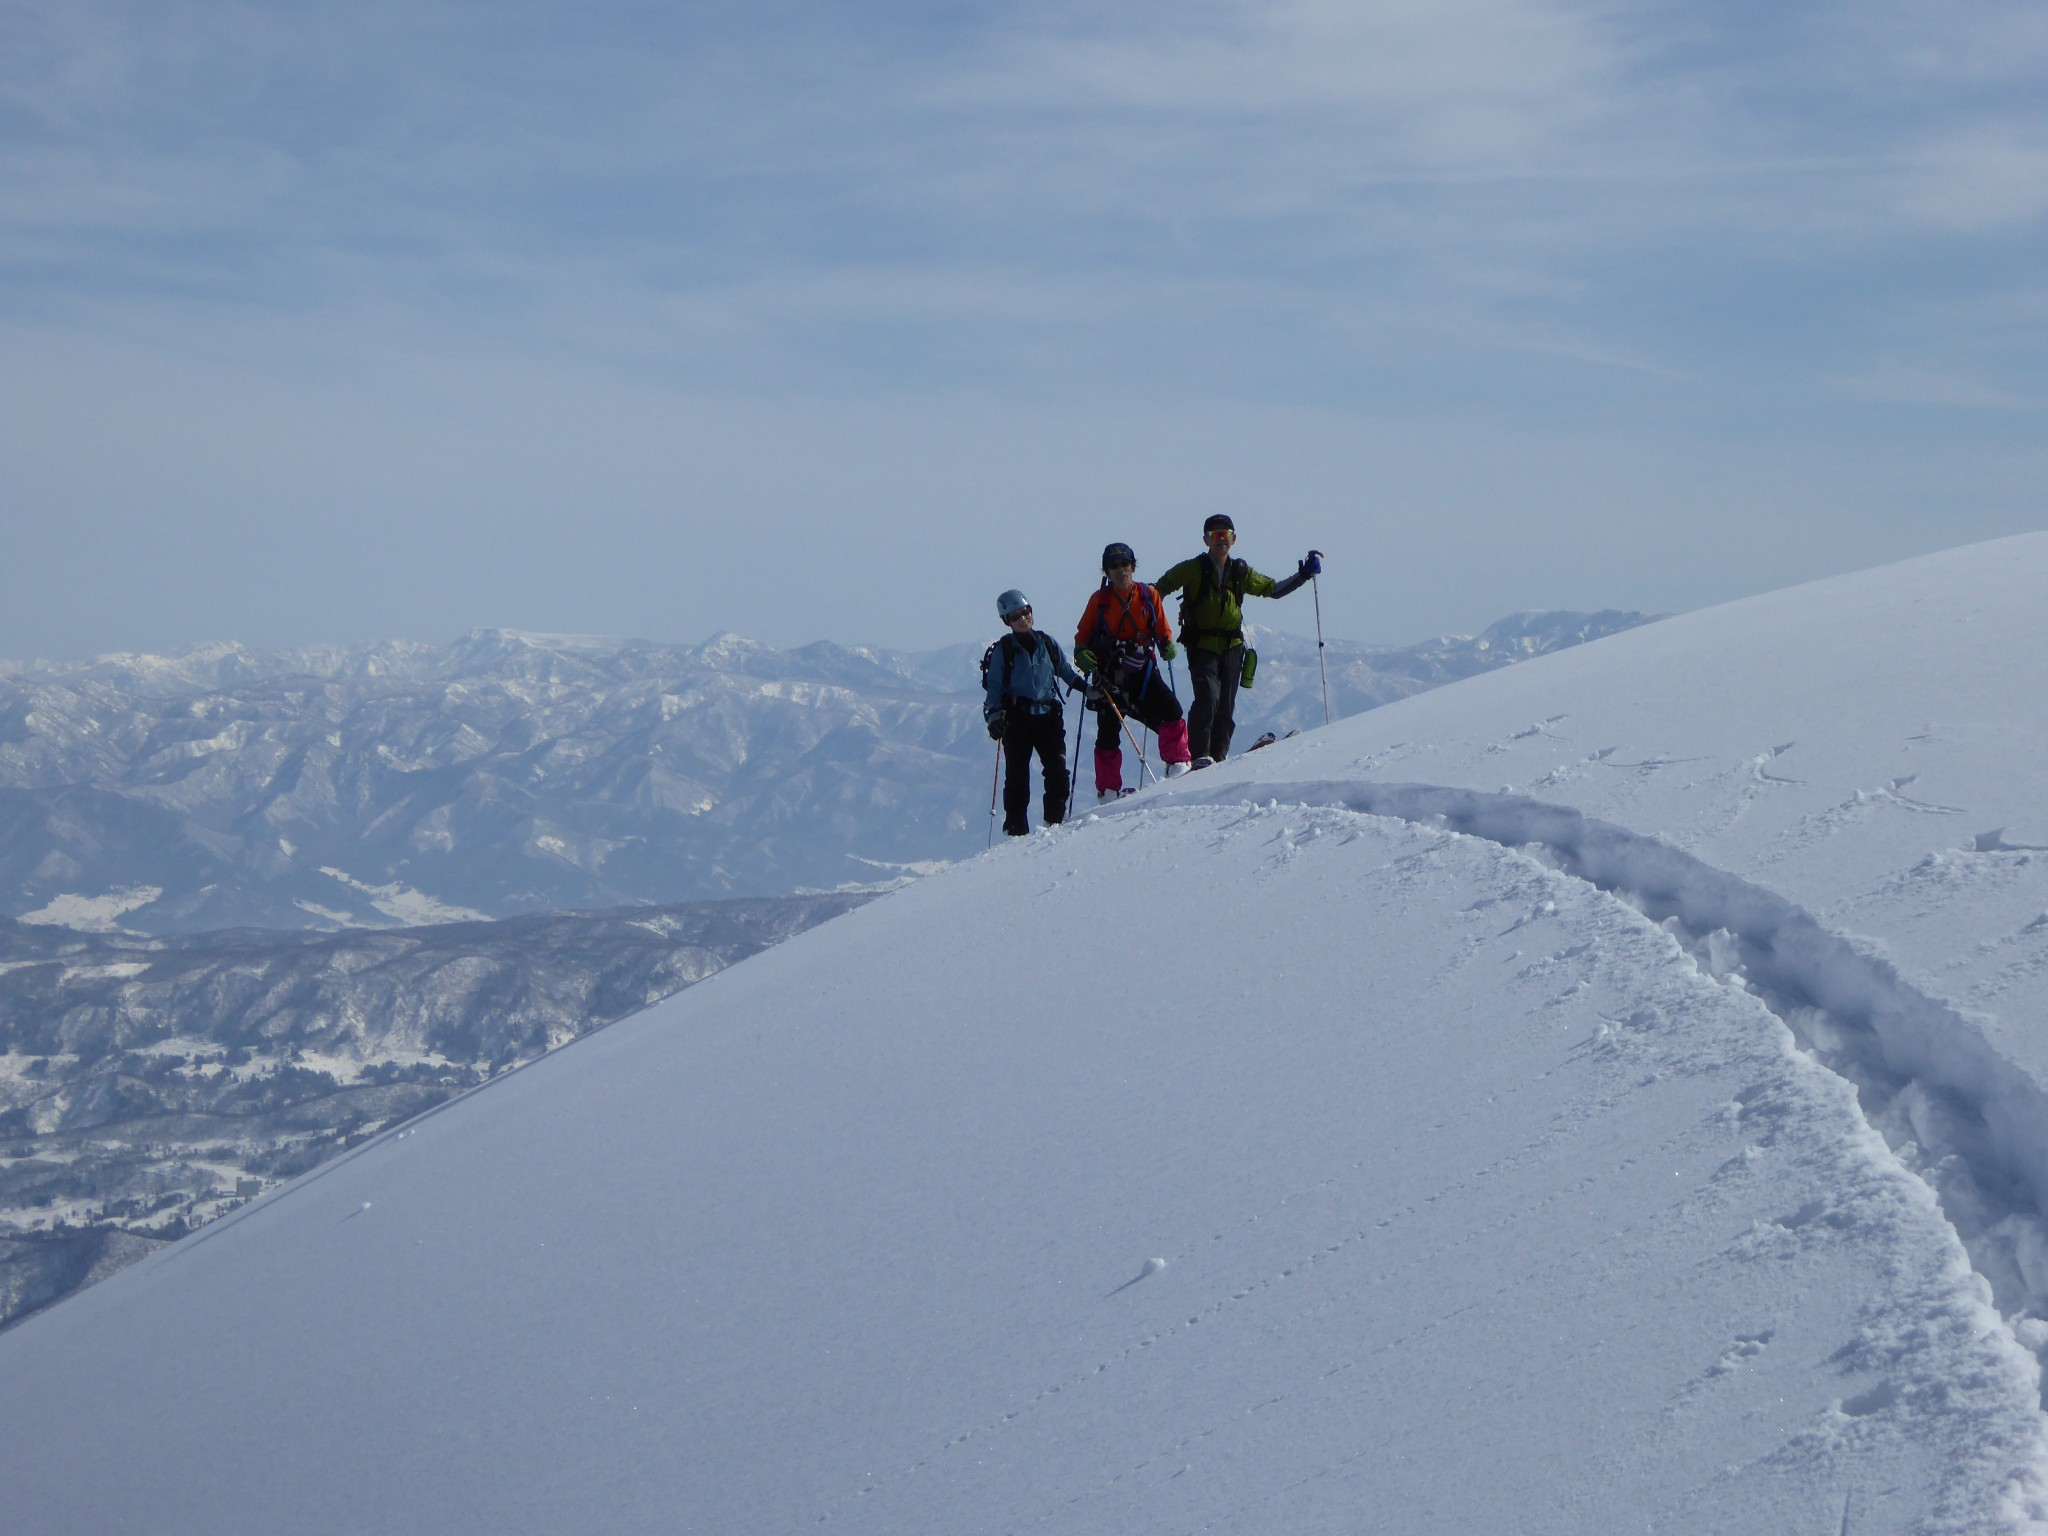 バックカントリー 神奈山 (Ski tour Mount Kanna)